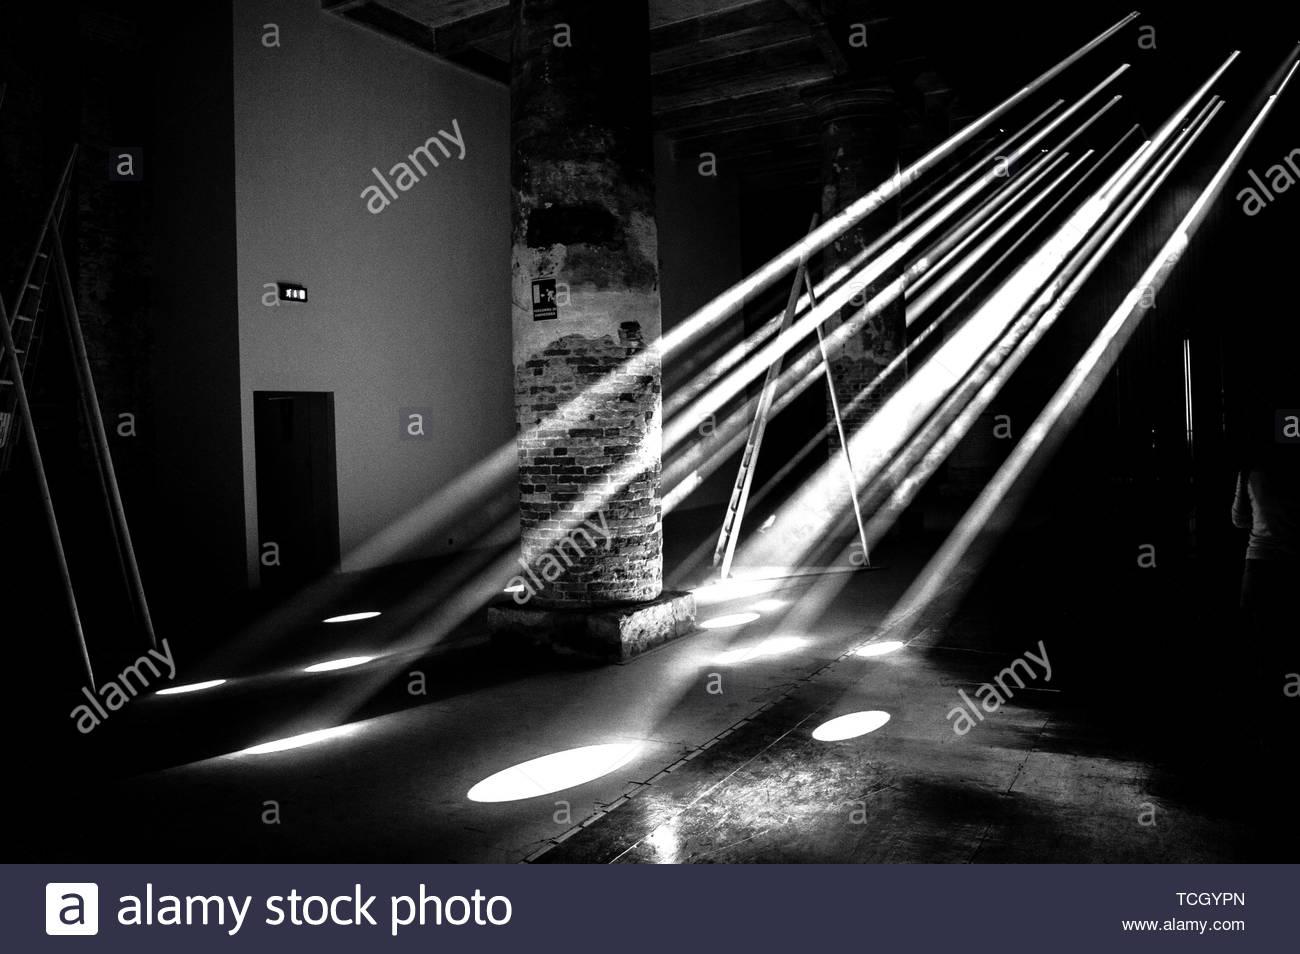 baldes of lights - Stock Image